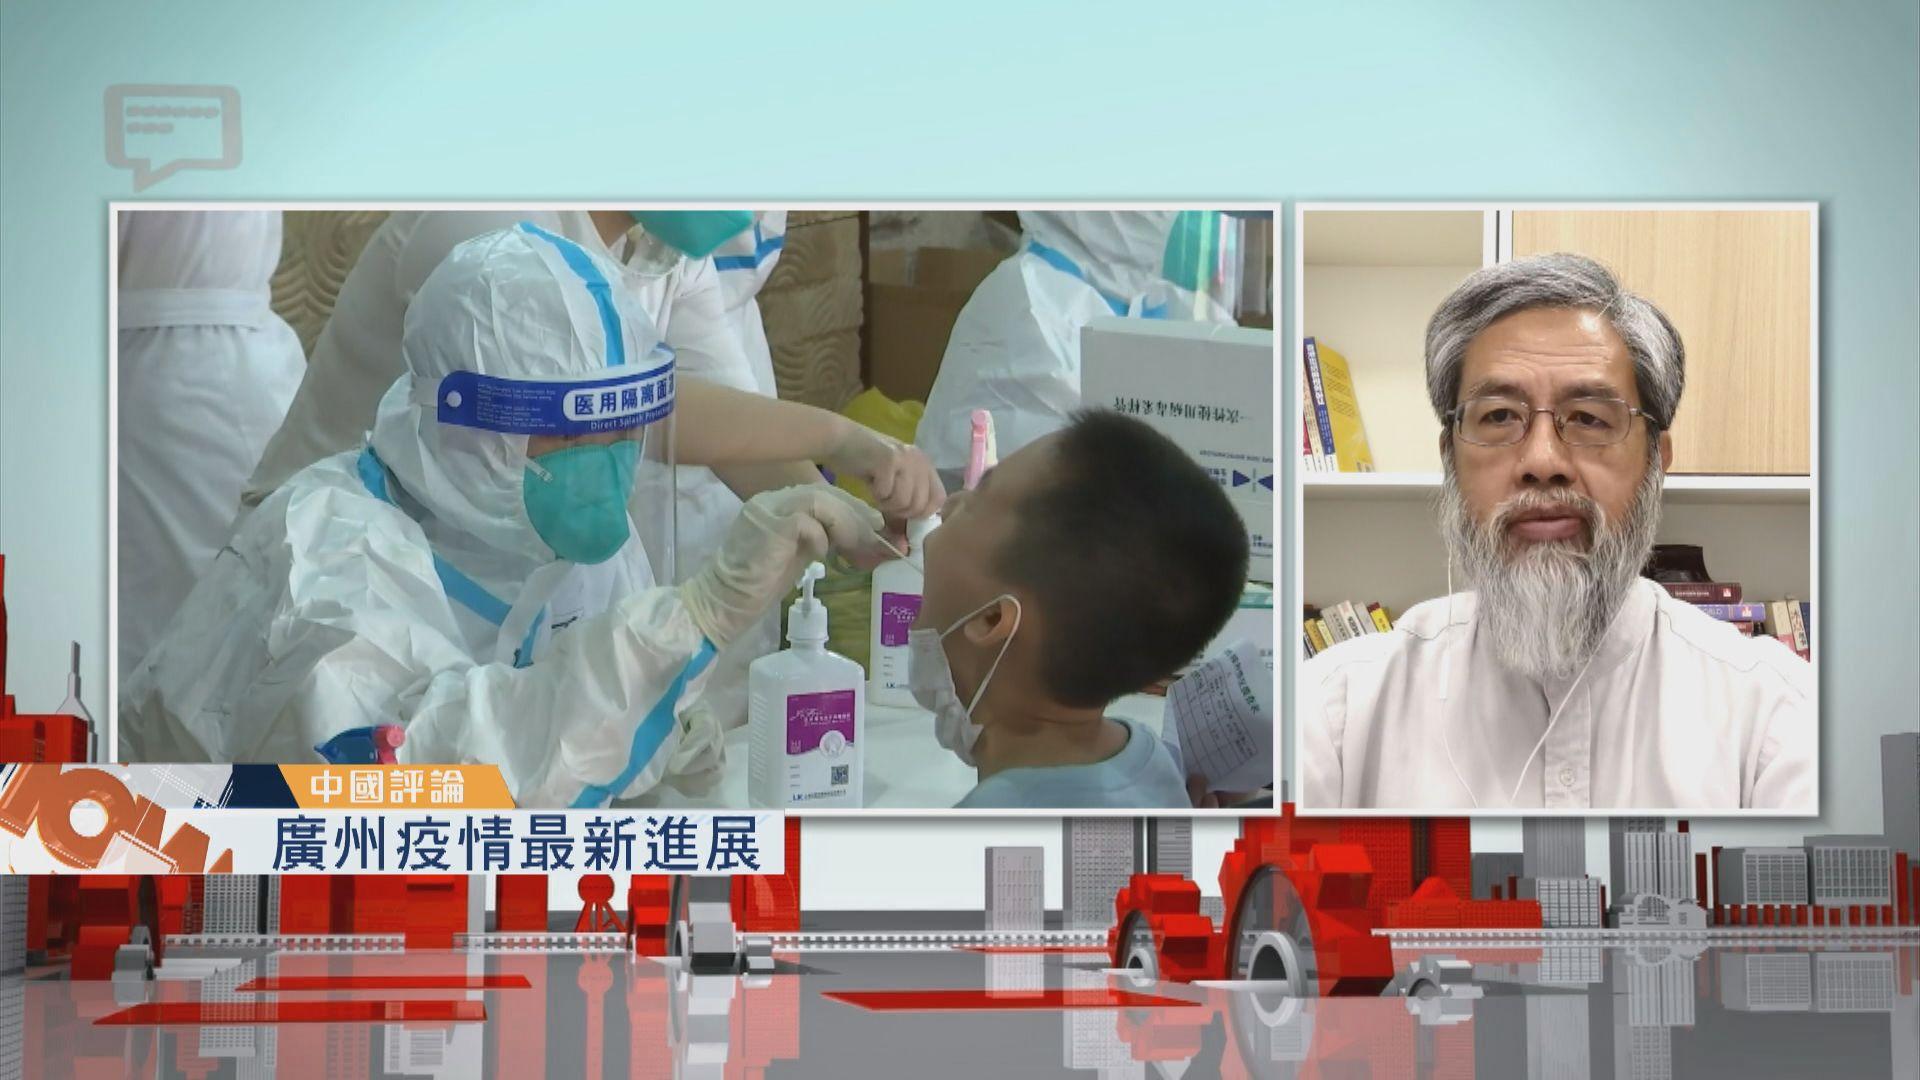 【中國評論】廣州疫情進展/去年社保入不敷支